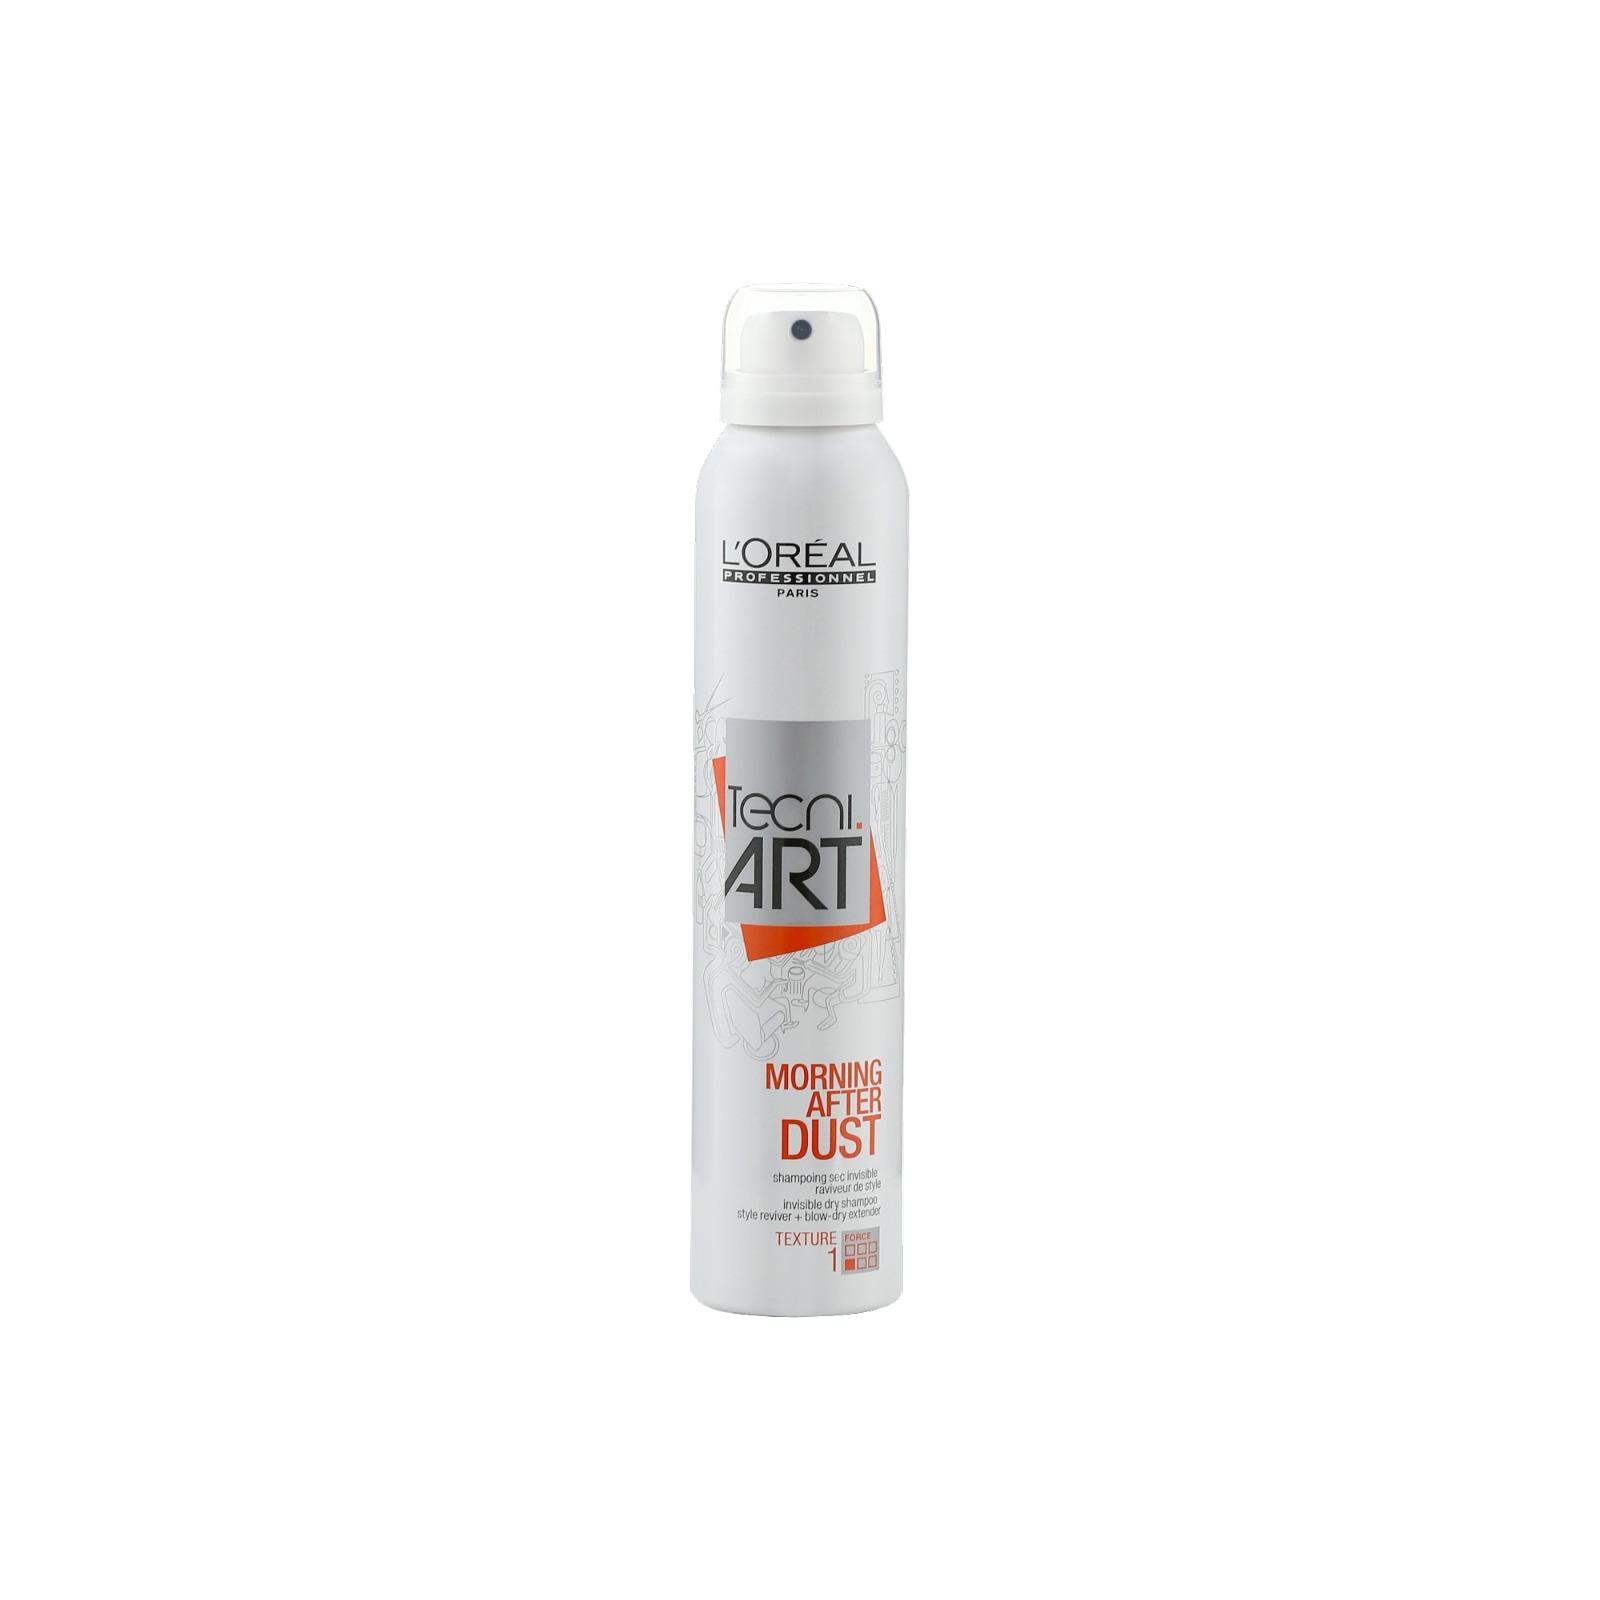 Сухой шампунь для волос L'Oreal Professionnel Tecni.Art Morning After Dust, для свежести и комфорта, 200 мл химия для волос щадящая